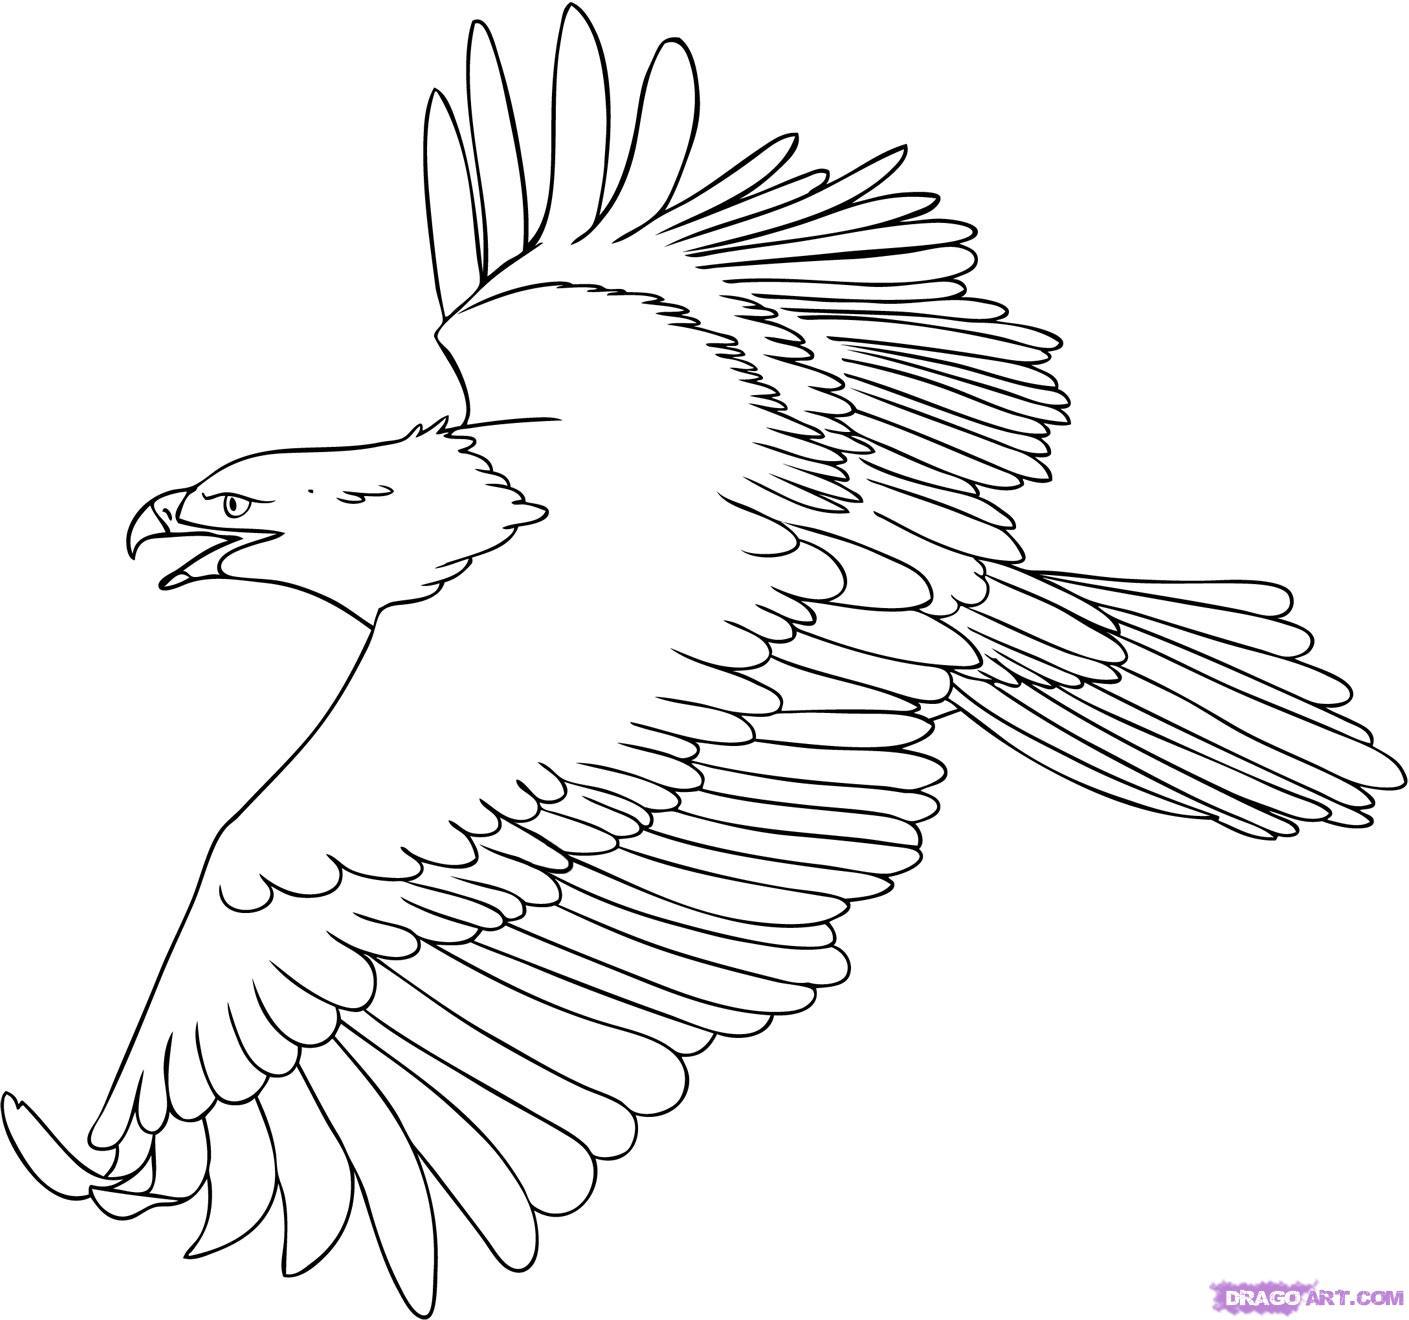 Kumpulan Gambar Kartun Burung Garuda